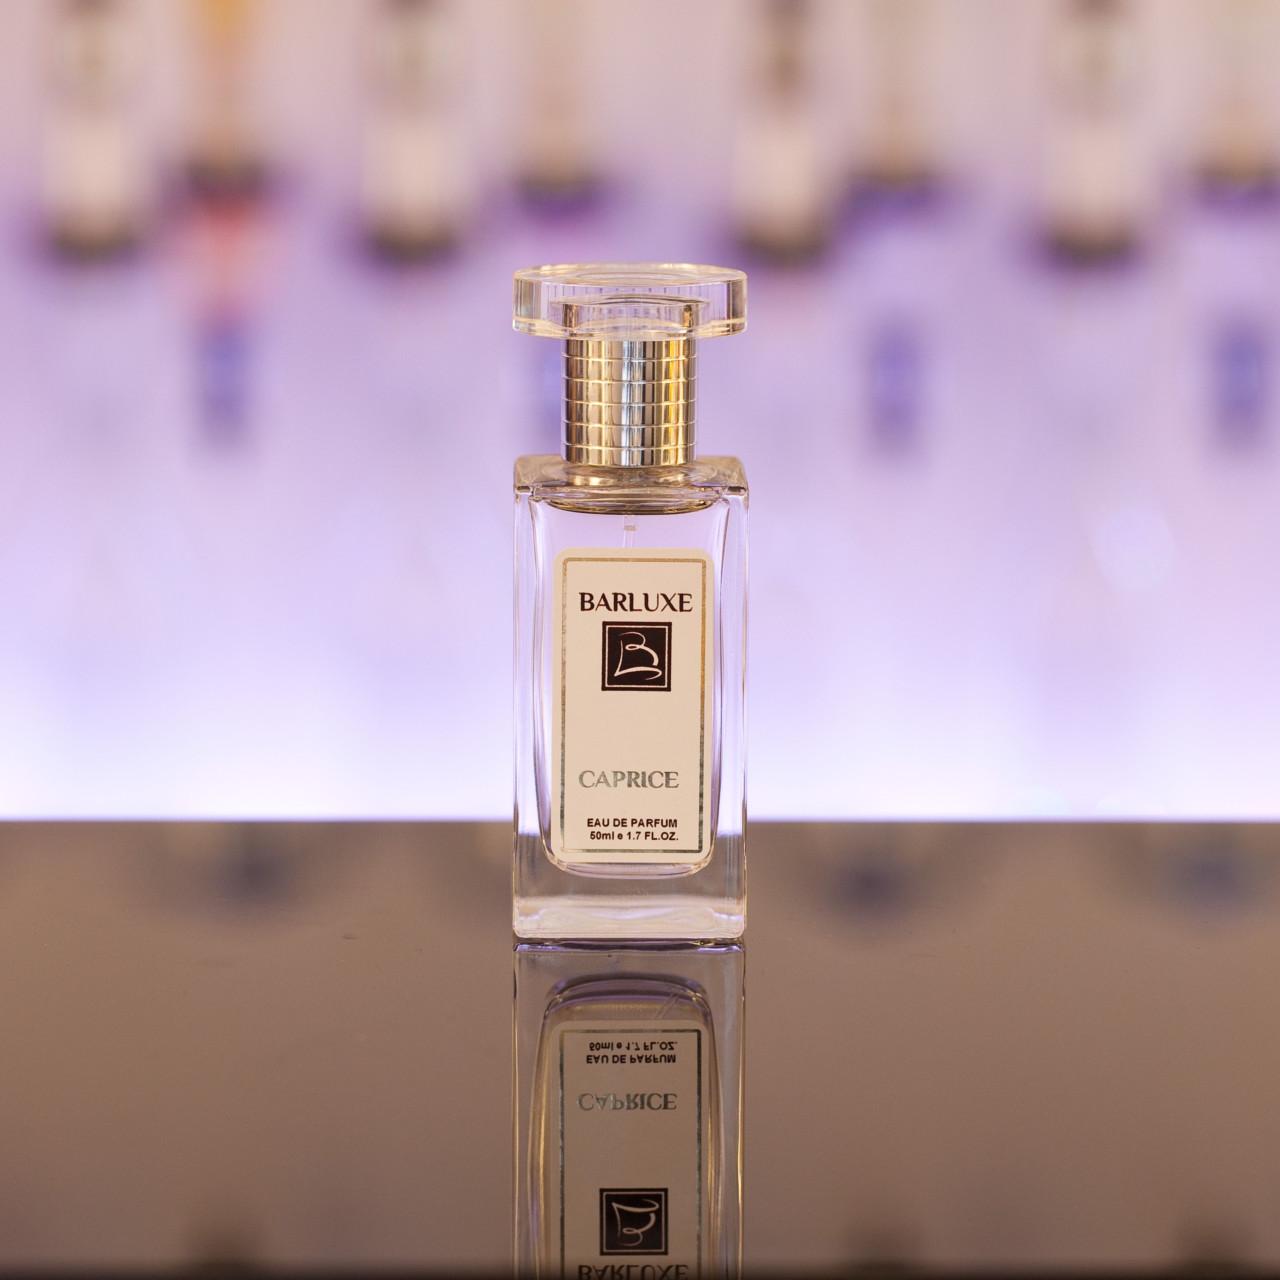 damen-parfum-dupe-double-duft-duftzwilling-caprice